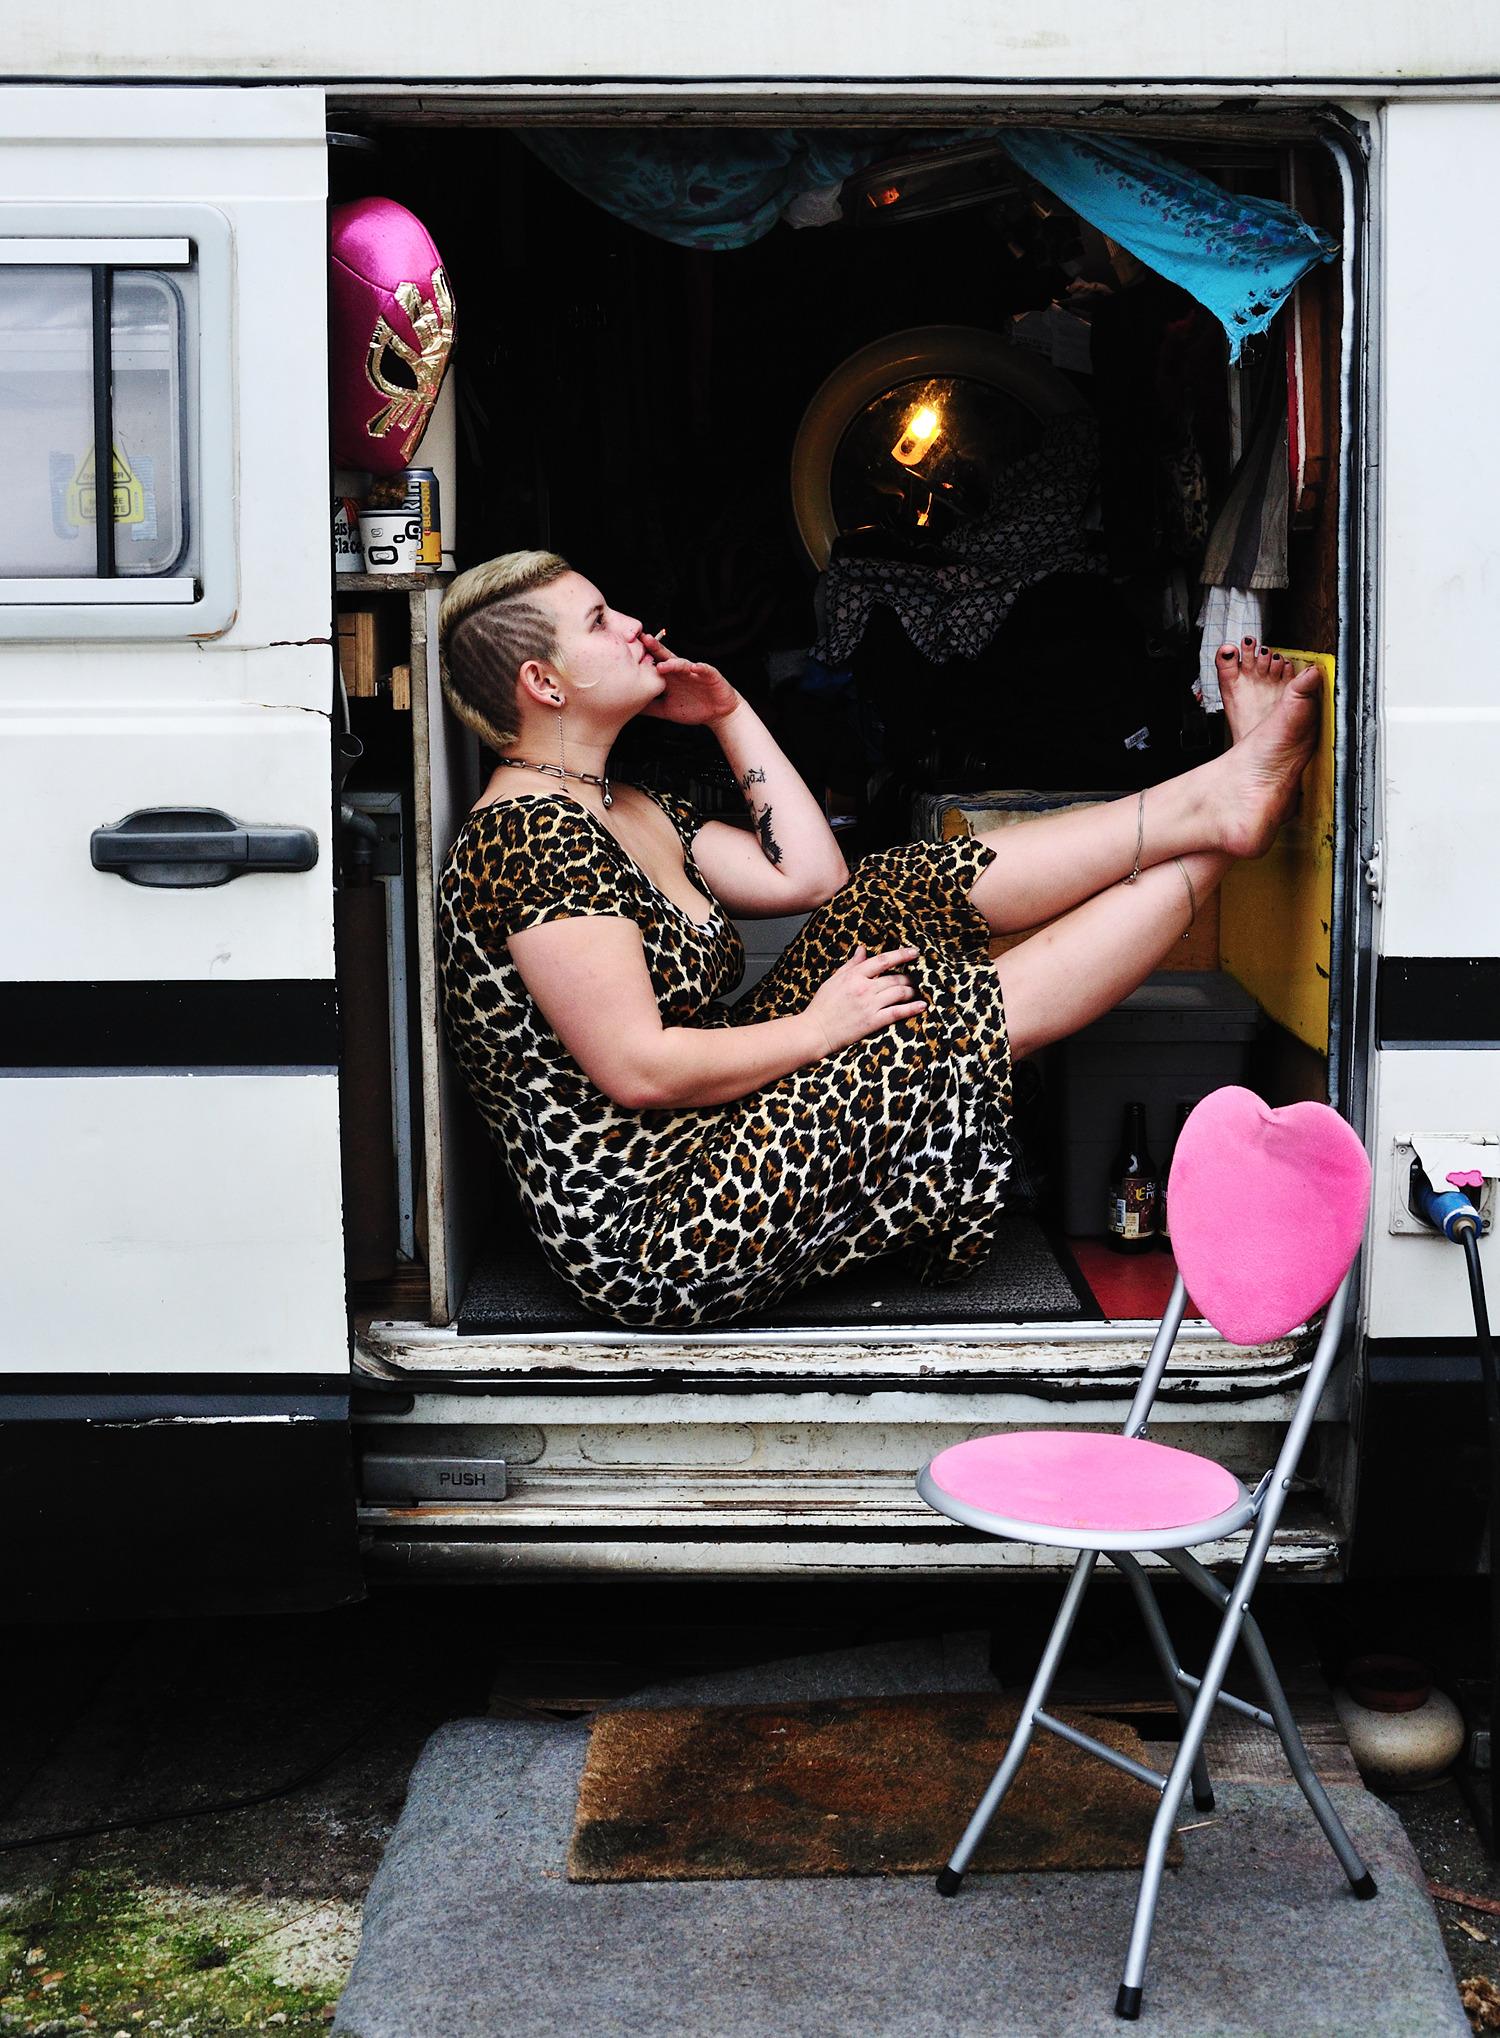 Mav chilling in her truck, Montreuil, France, 2014